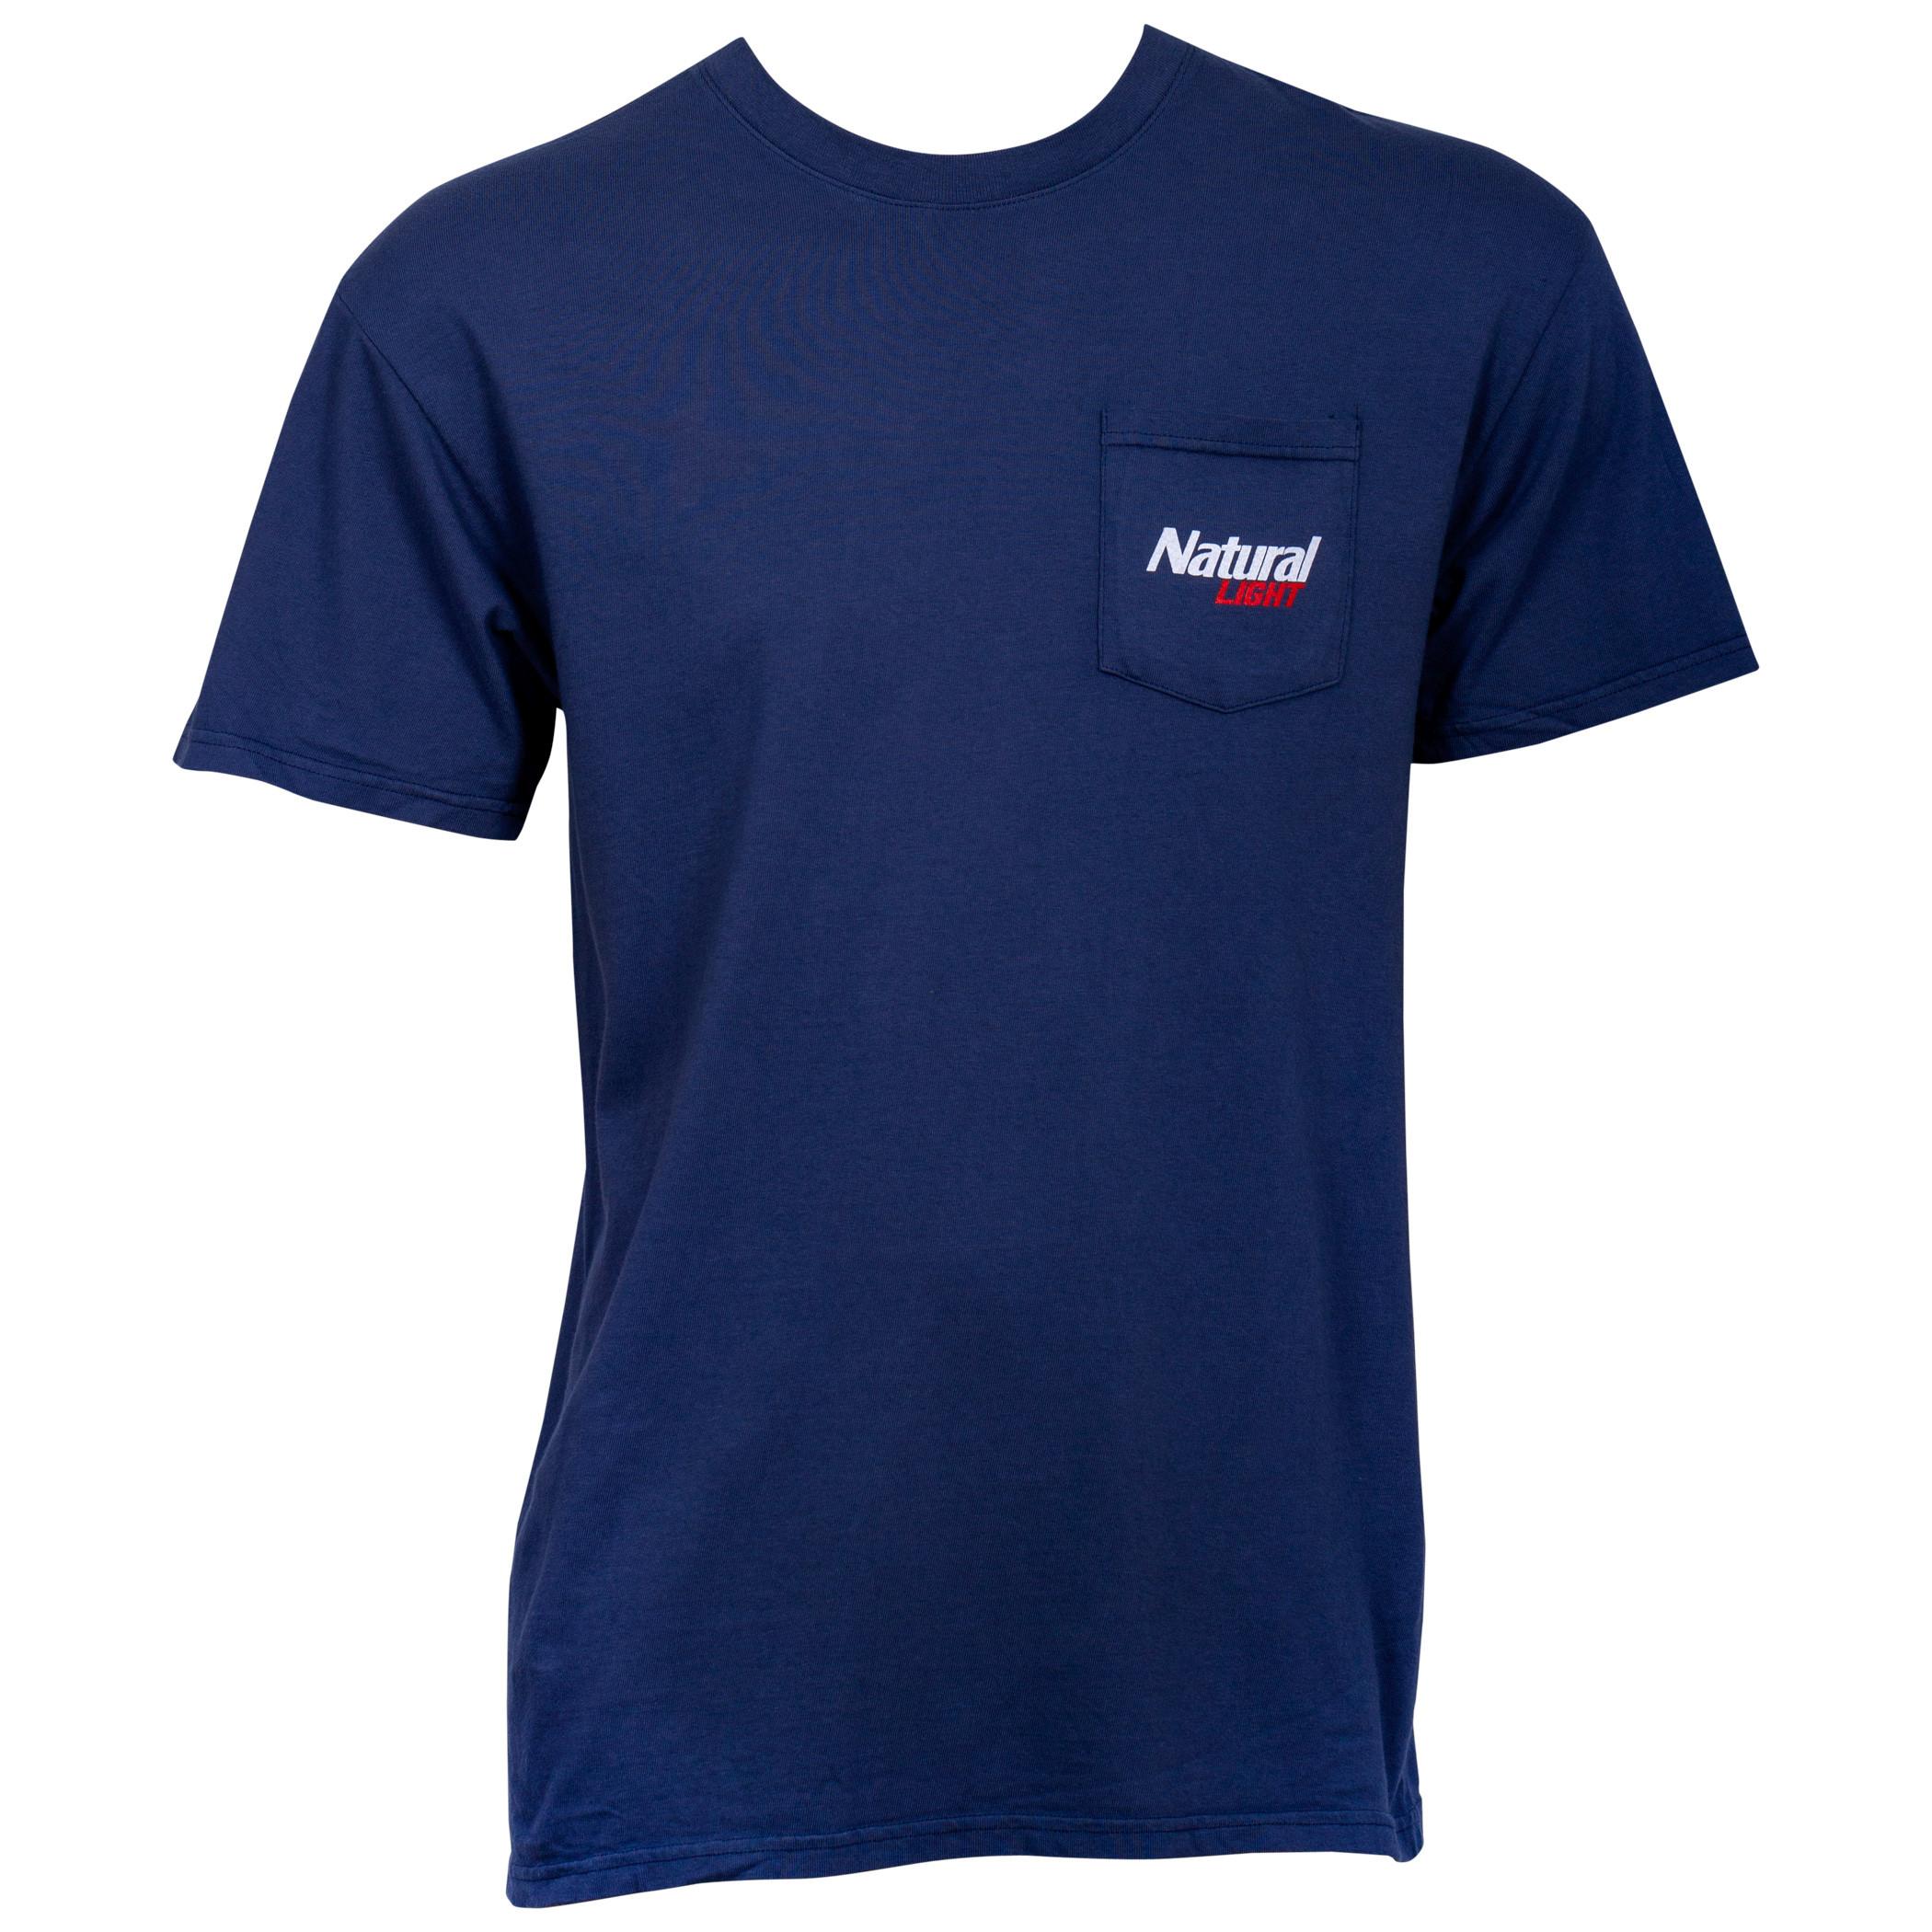 Natty Light Natural History Rowdy Gentleman Blue Men's T-Shirt